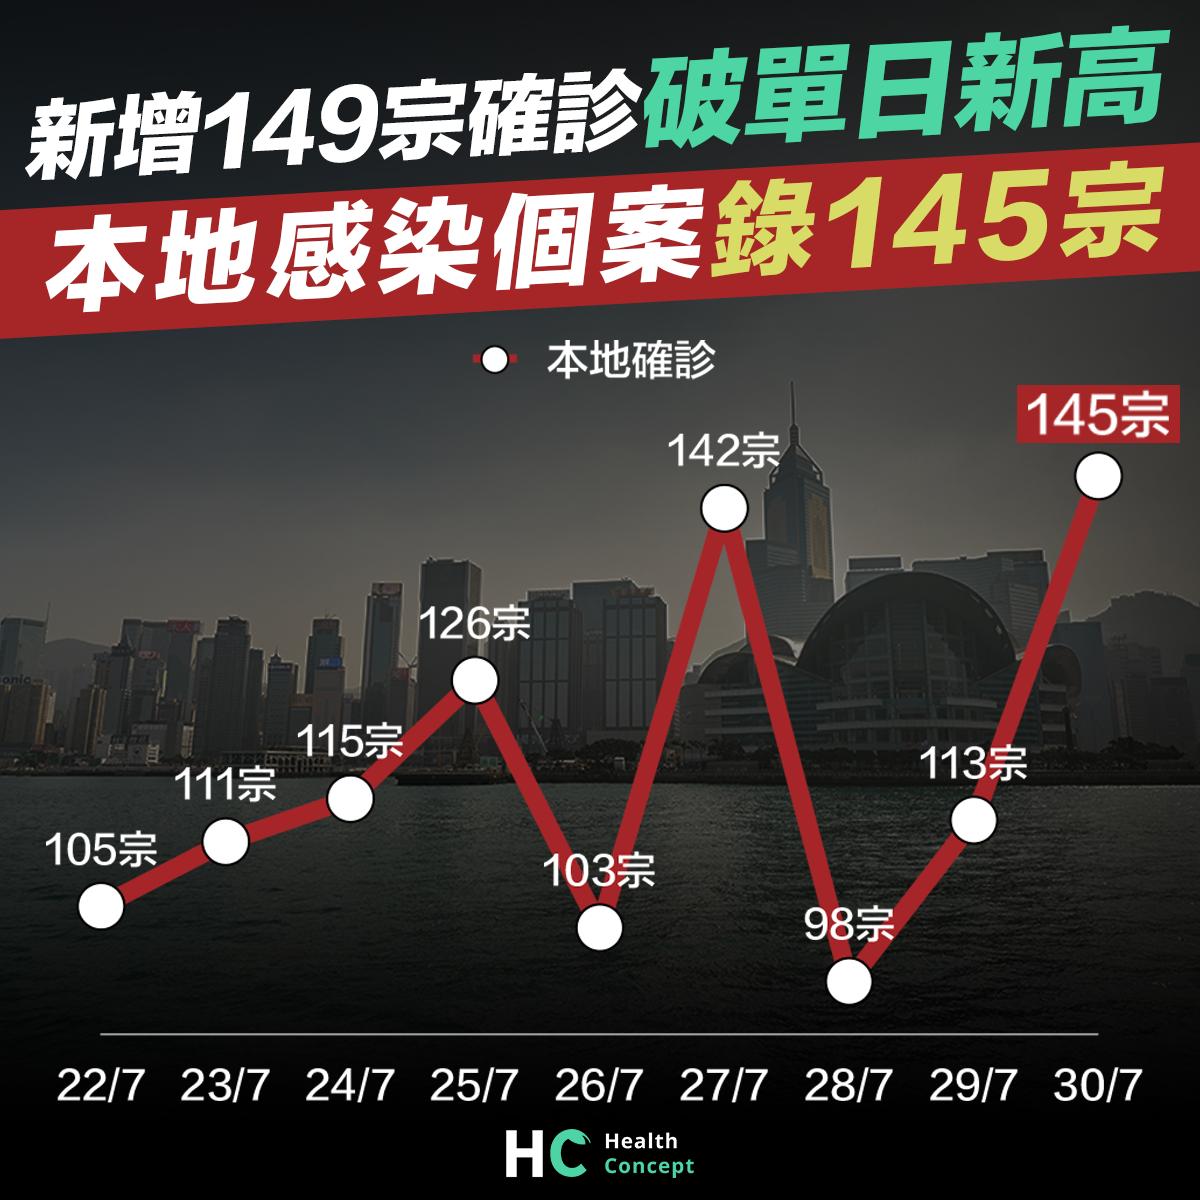 【#新型肺炎】新增149宗確診破單日新高 本地感染個案錄145宗